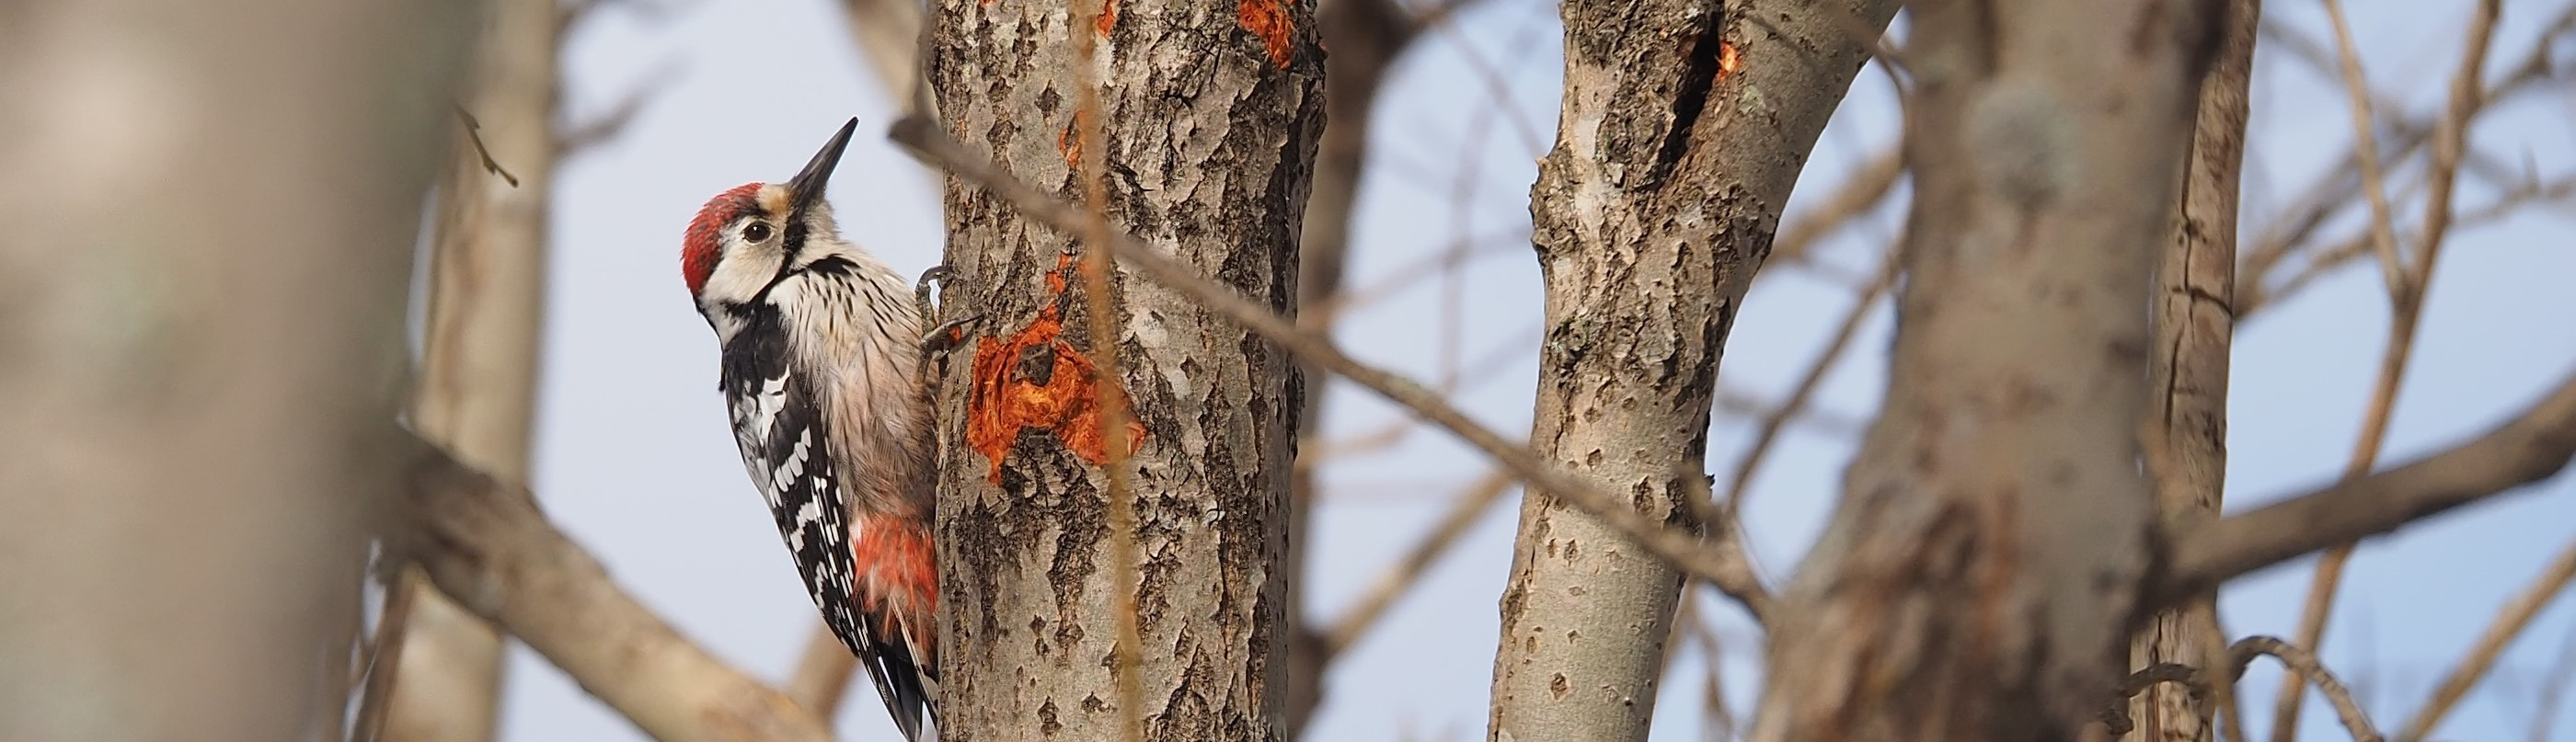 Illustrasjonsbilde - fugl i treet